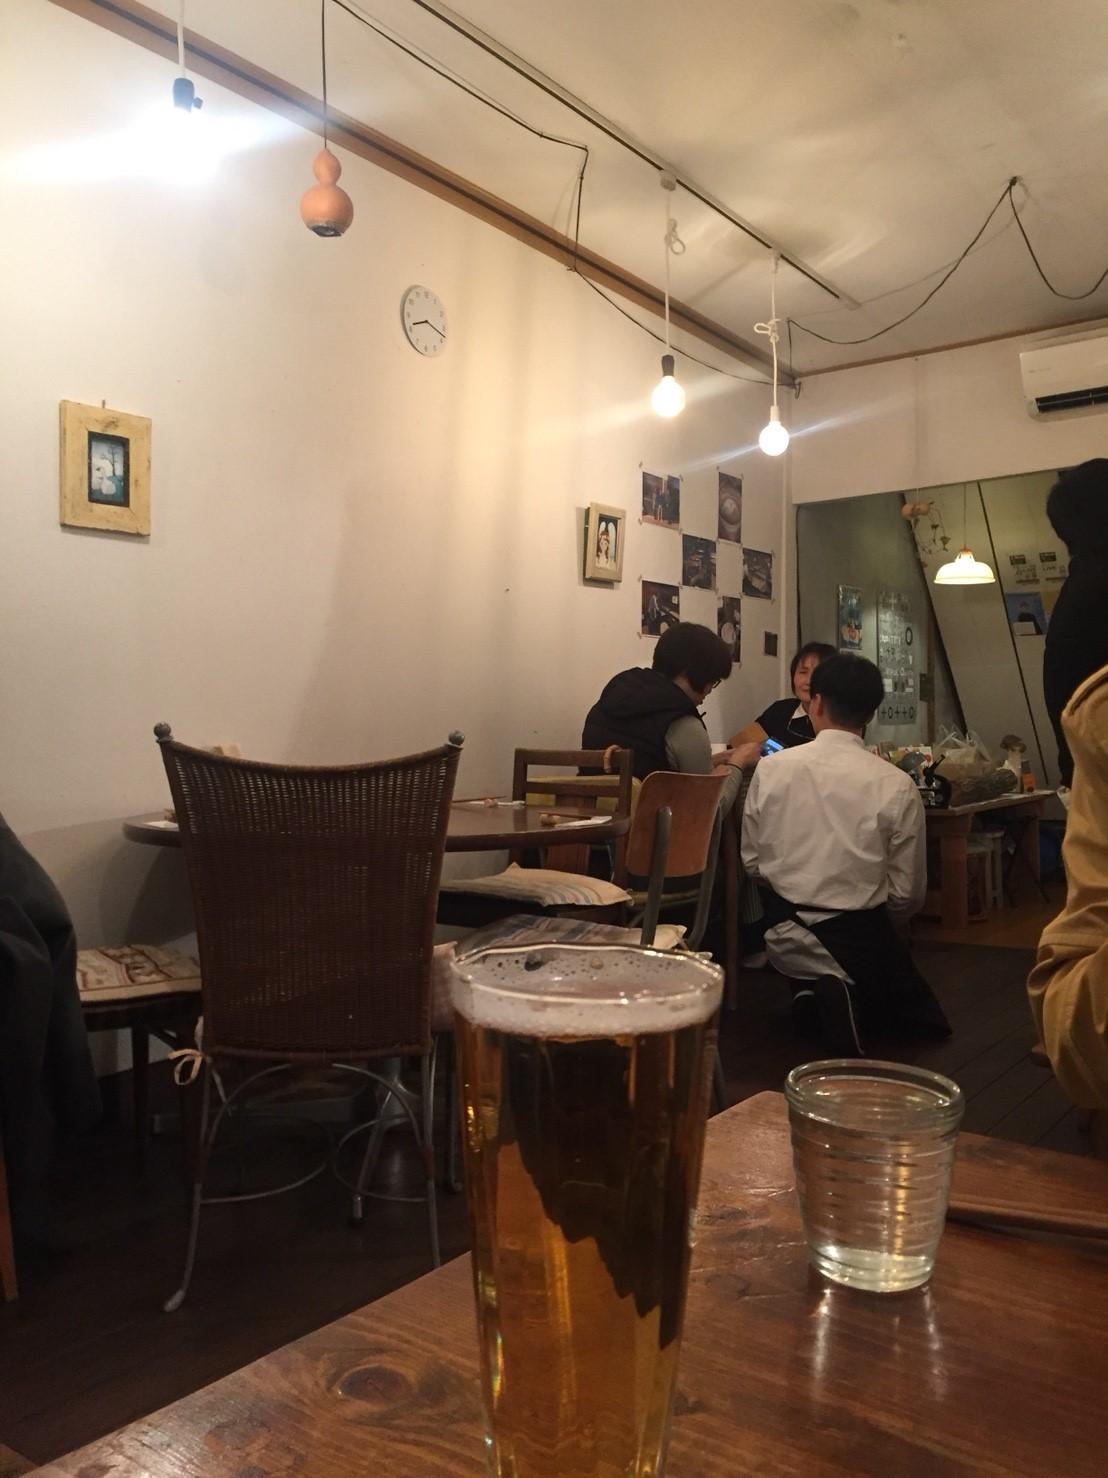 Tottoriカルマ   まっしゅROOM_e0115904_17264990.jpg